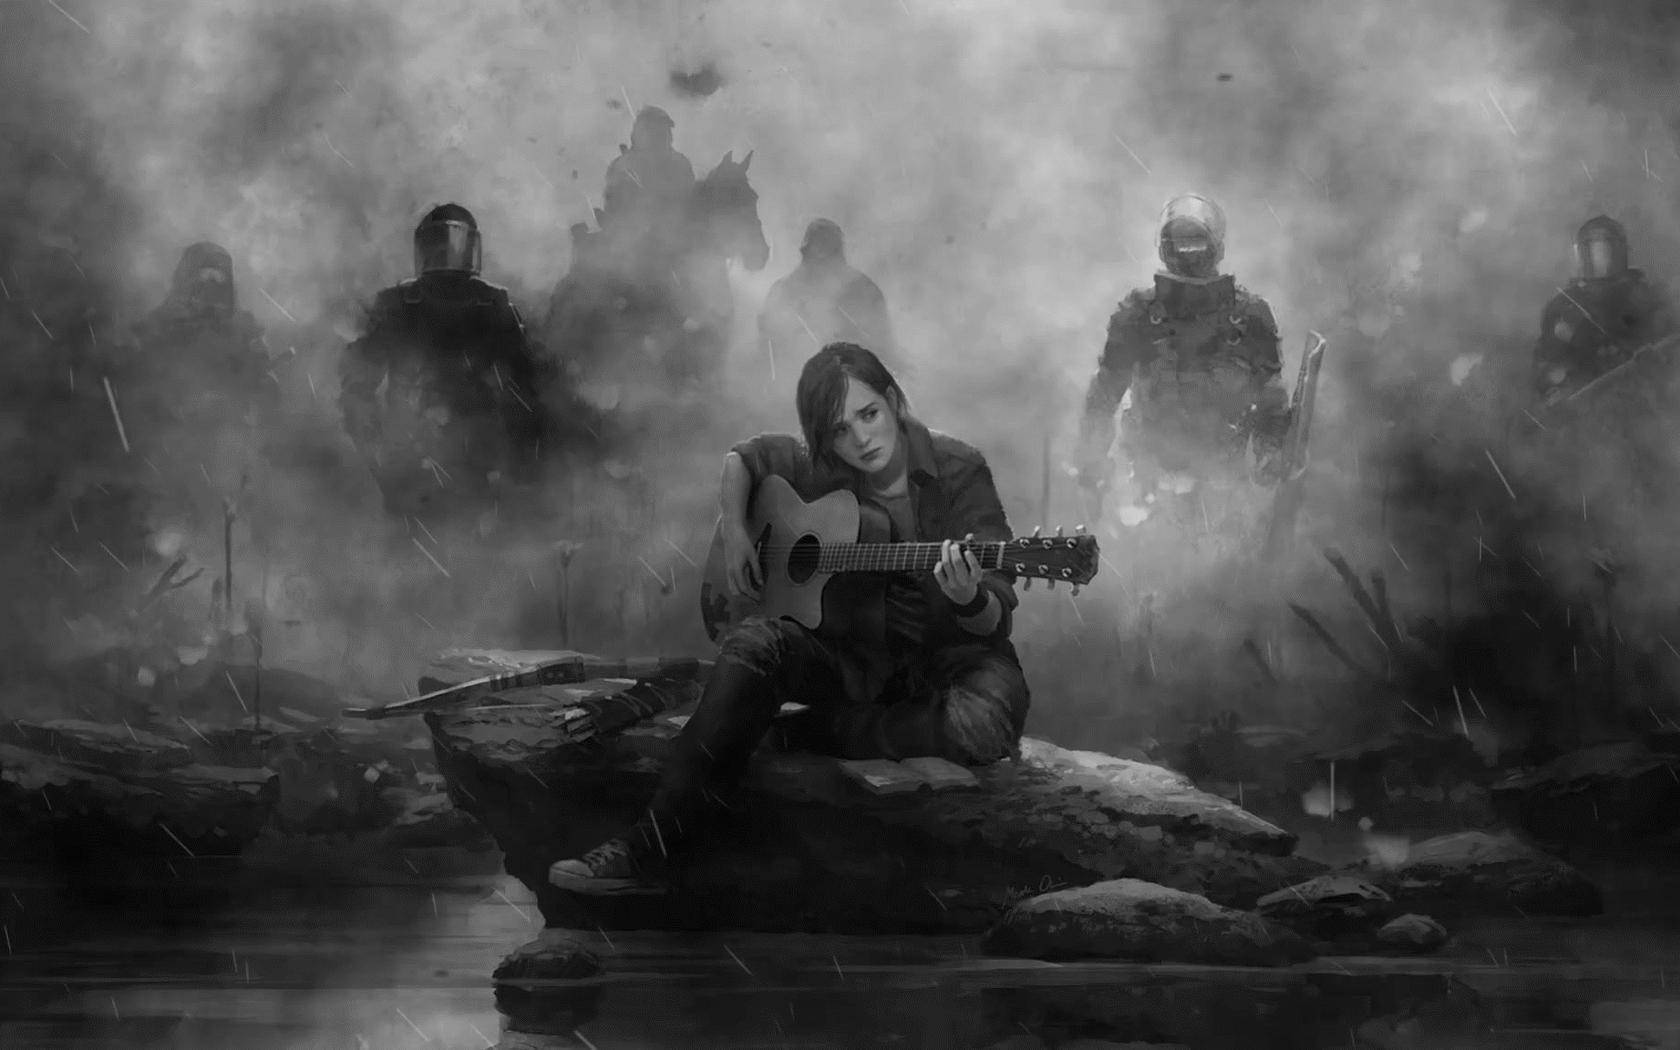 1680x1050 Ellie The Last Of Us Part 2 Guitar Monochrome 1680x1050